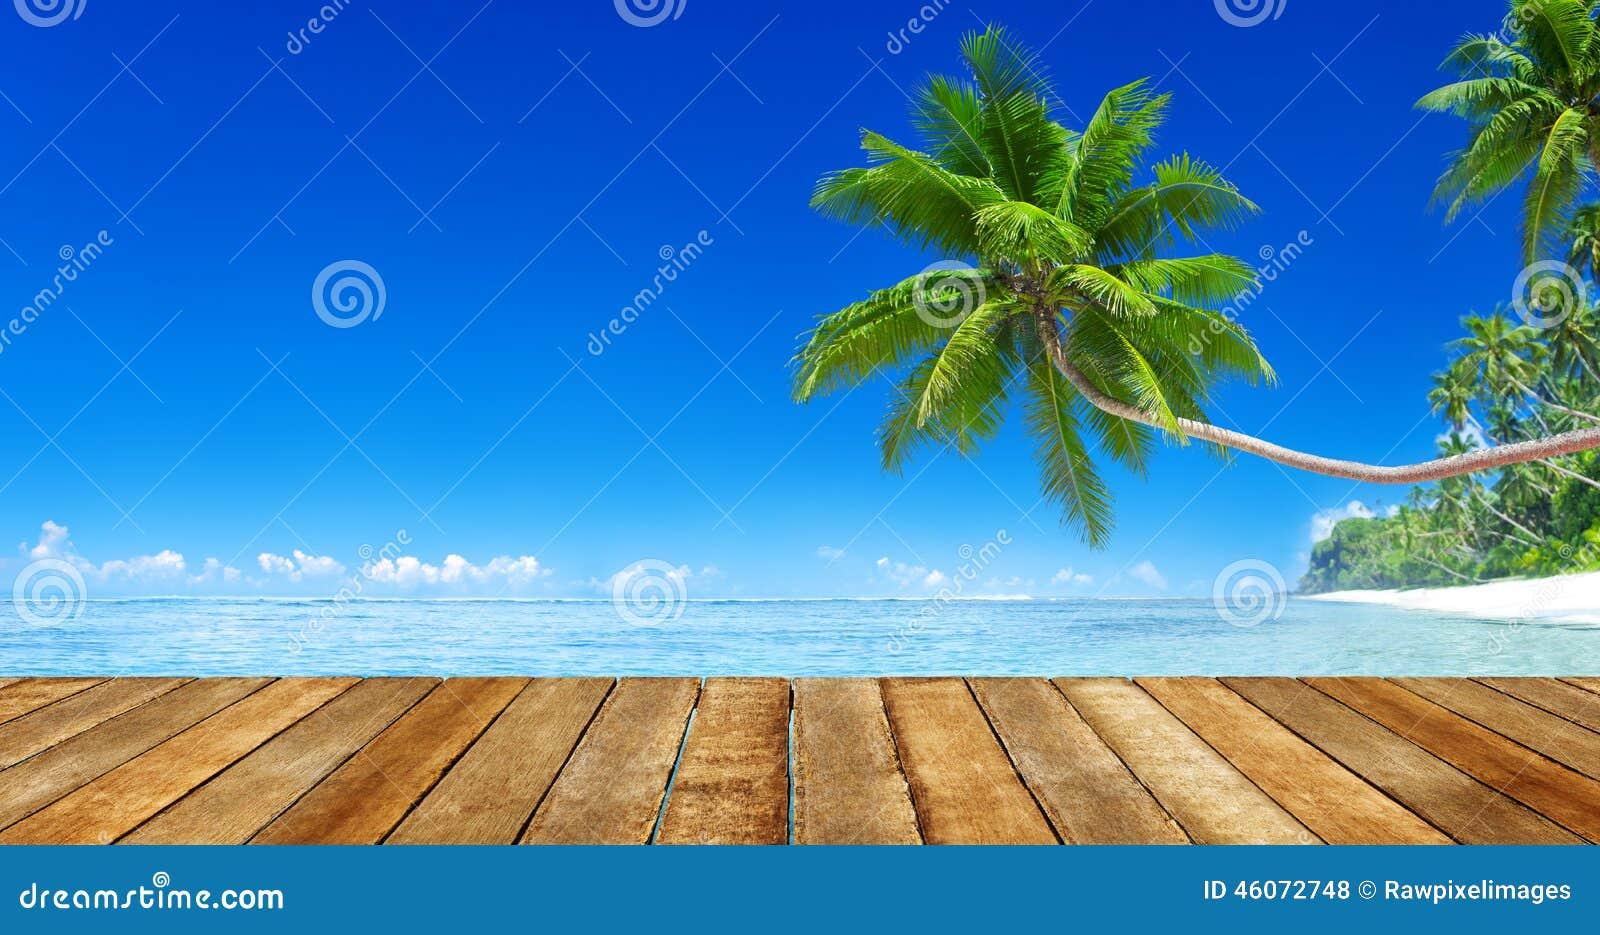 Sunny Tropical Summer Paradise Beach